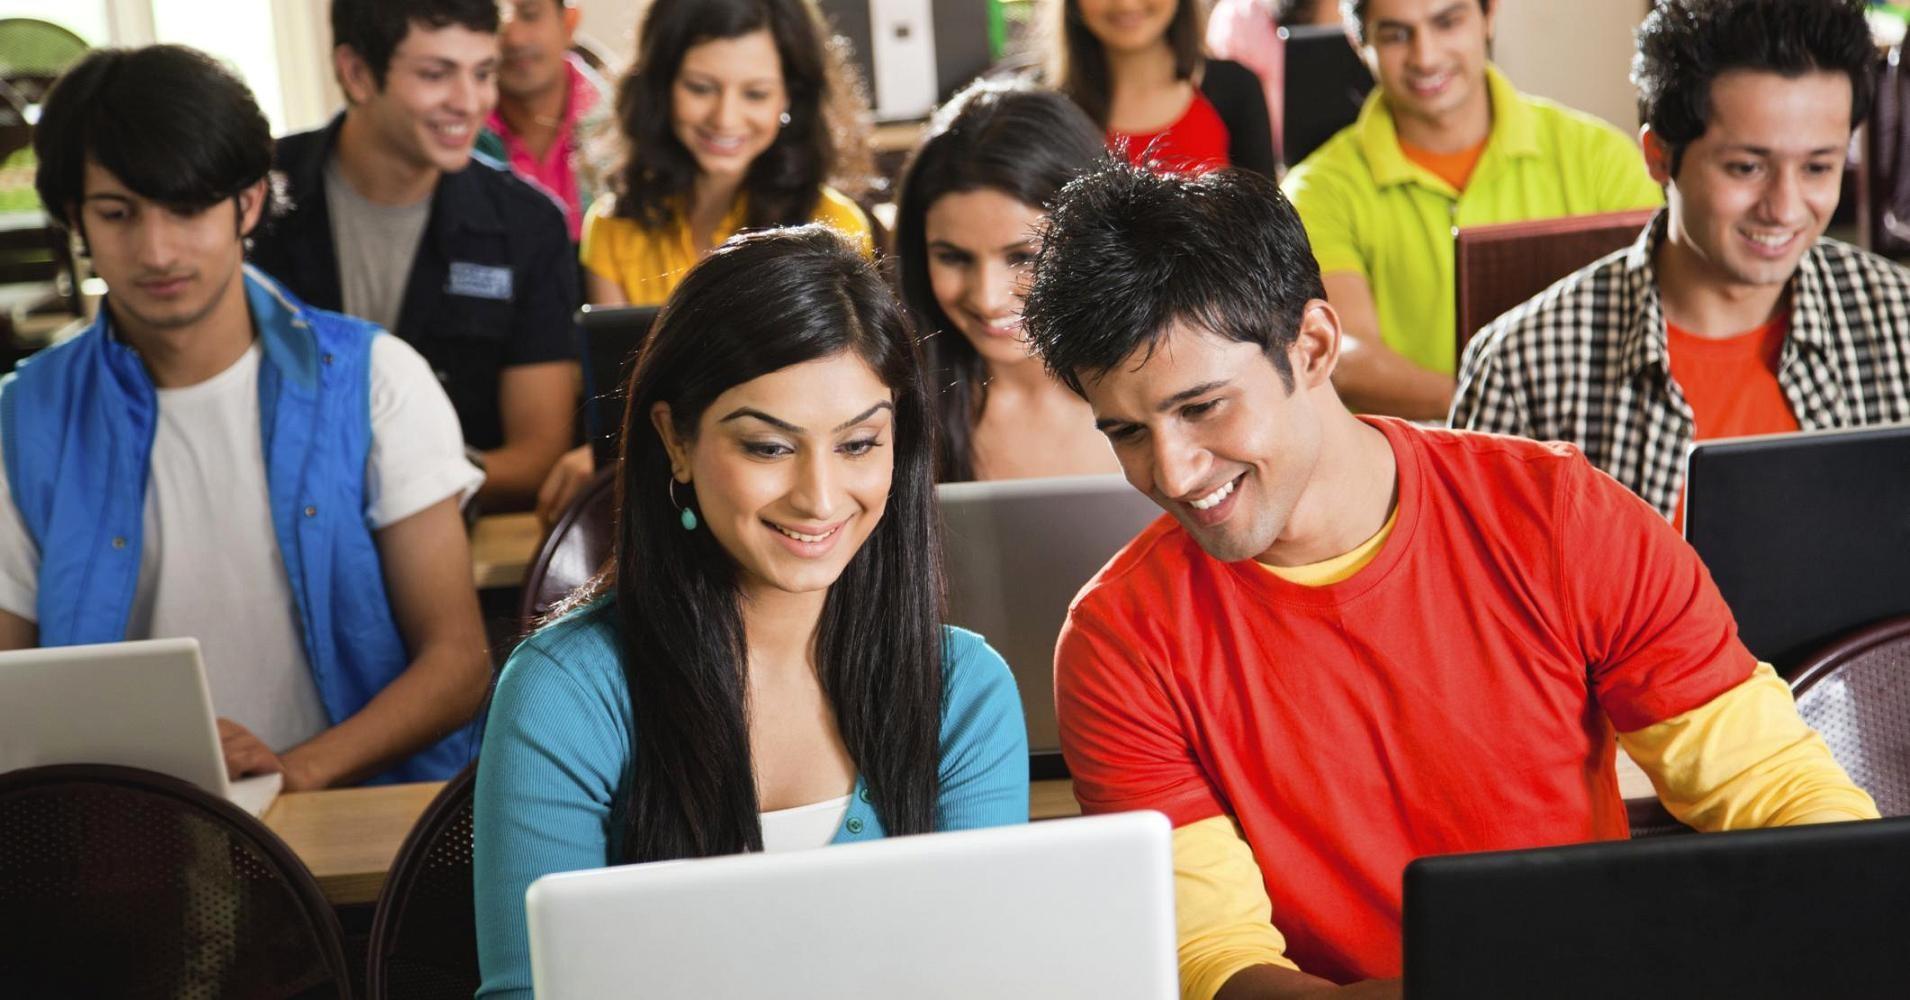 مهاجرت تحصیلی به مالزی